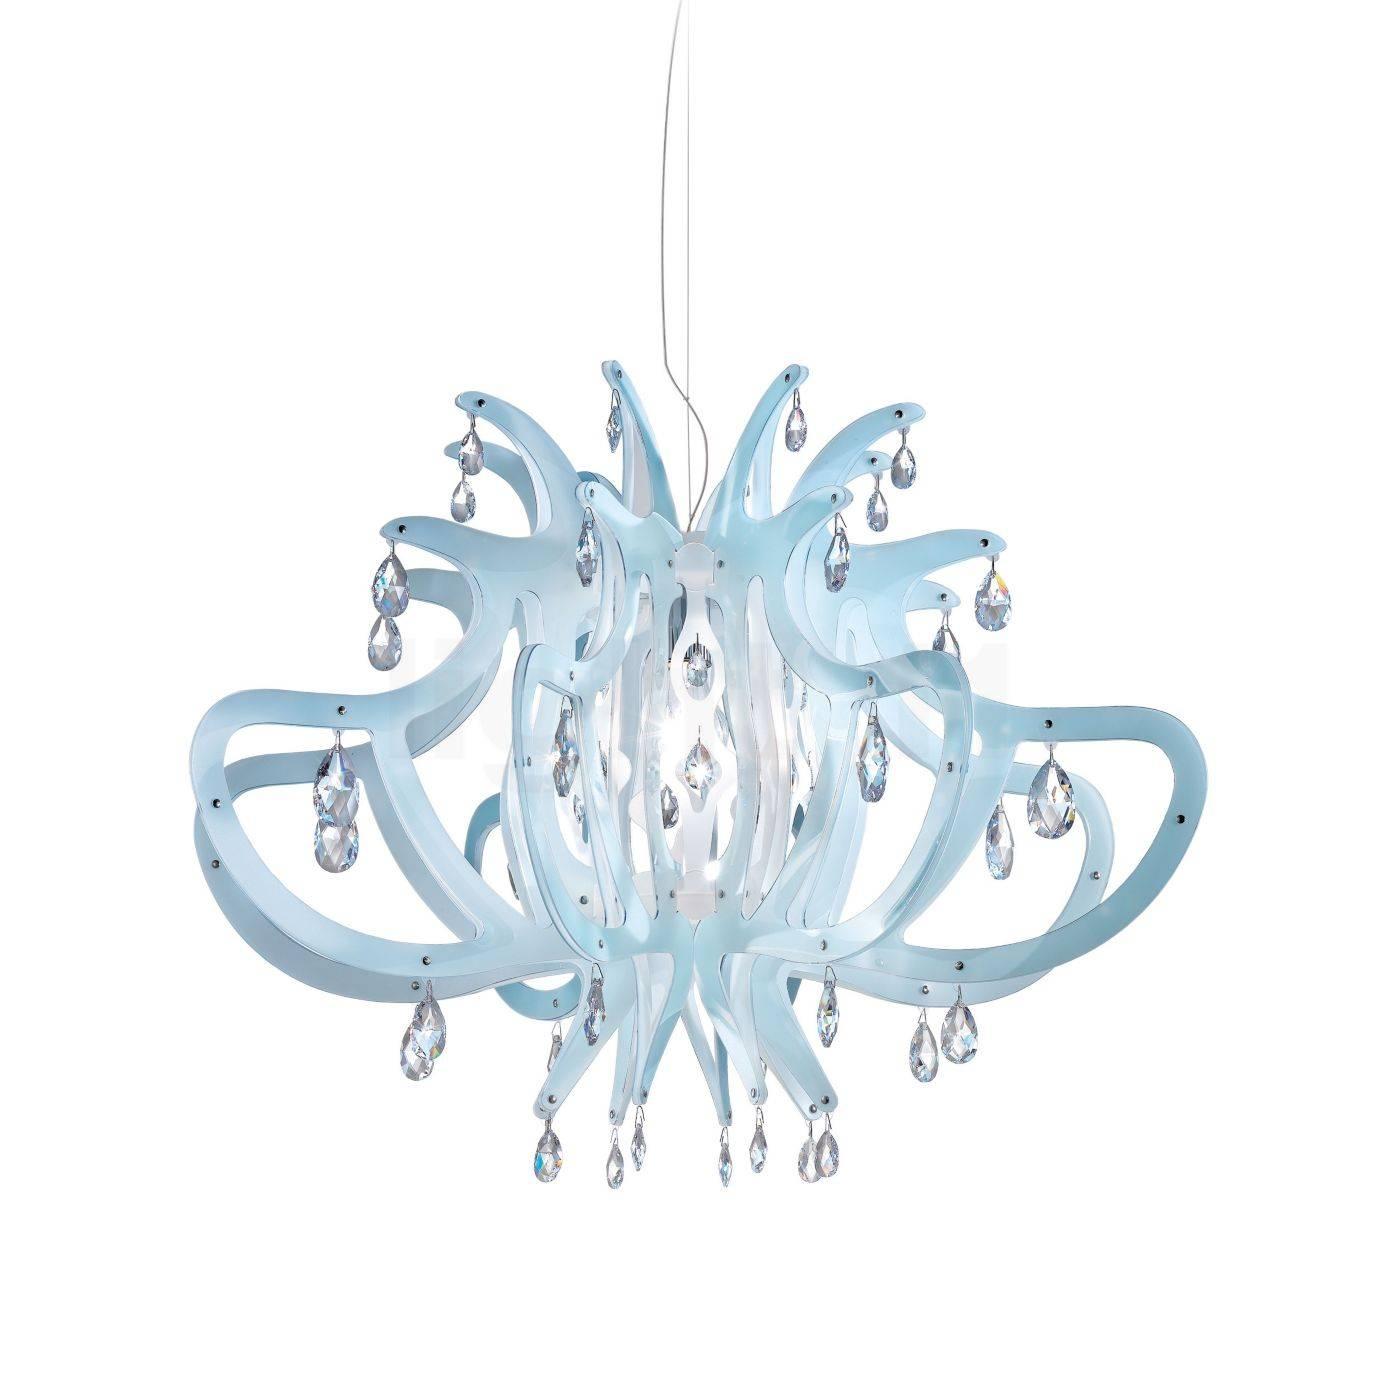 Slamp Medusa Pendant Light Pendant Lights Buy At Light11.eu within Medusa Pendant Lights (Image 14 of 15)